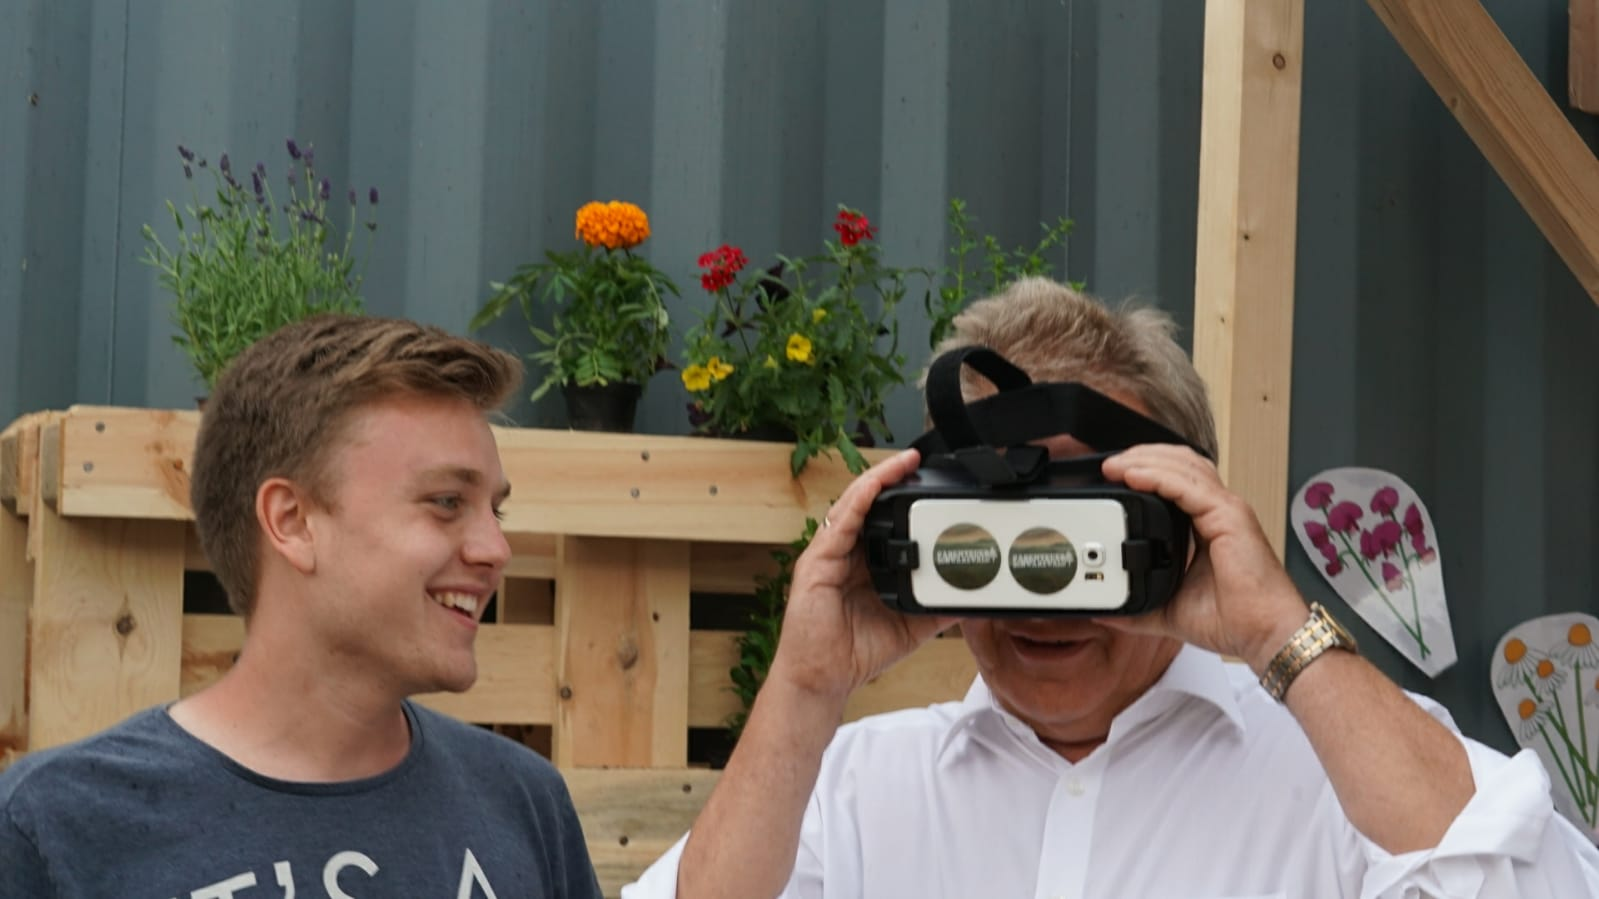 Schirmherr Franz Untersteller, Landesminister für Umwelt, Klima und Energiewende mit der VR-Brille.